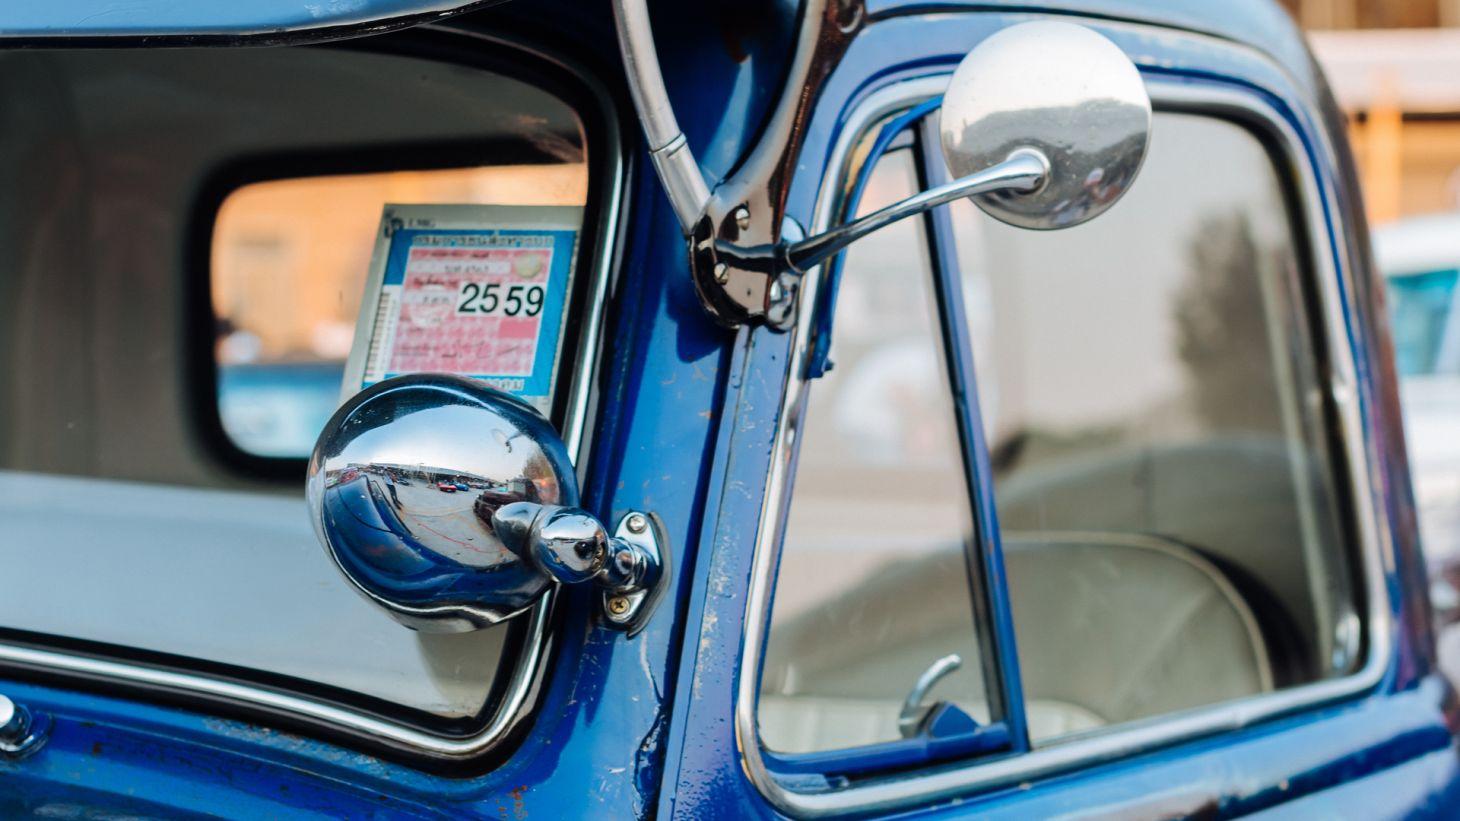 quebra vento ventarola carro antigo azul